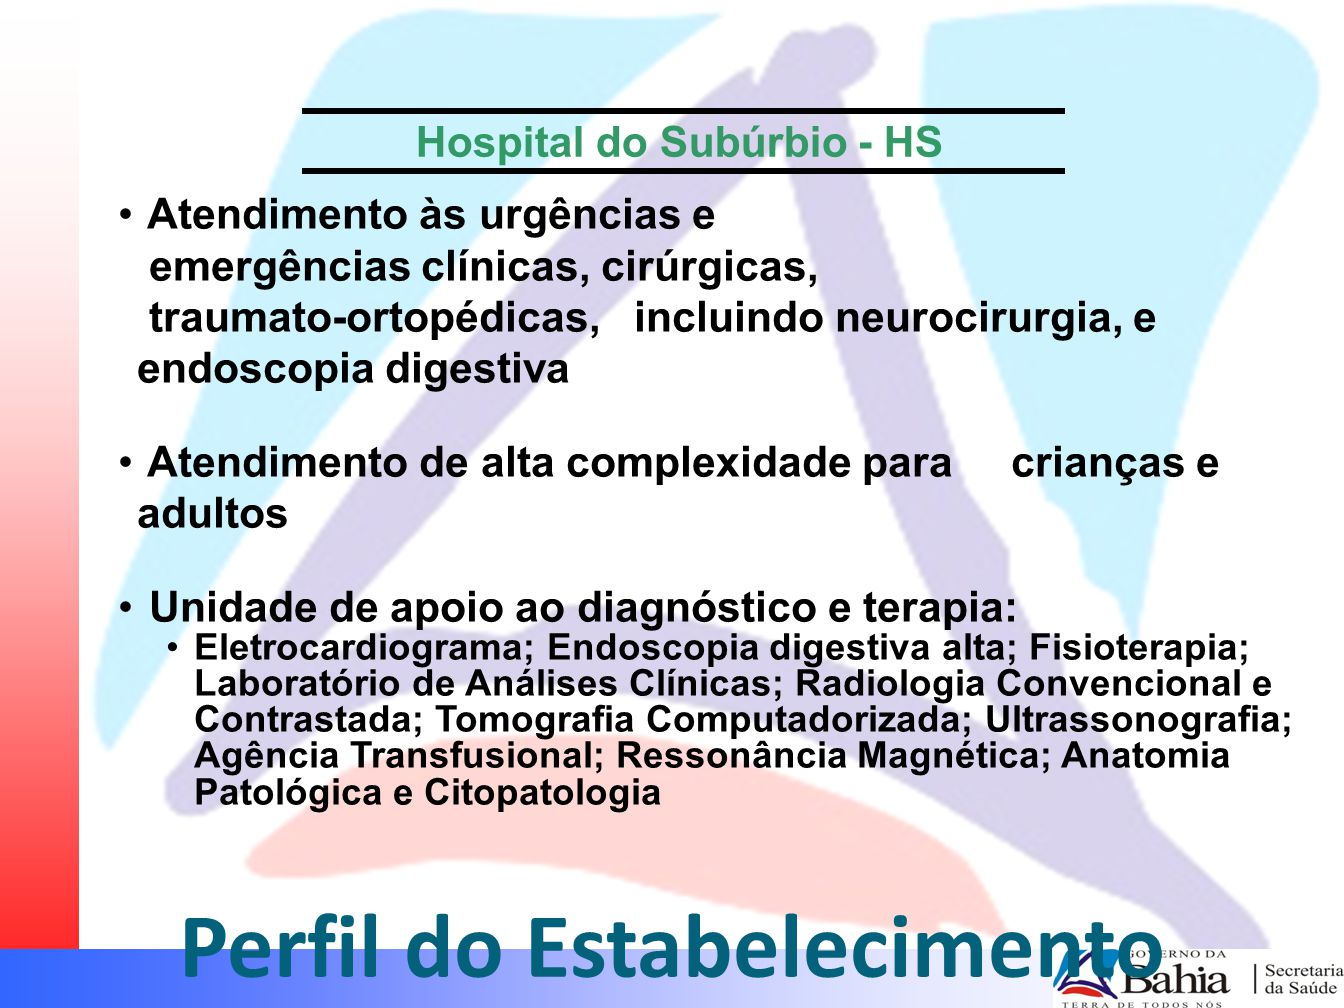 Hospital do Subúrbio - HS Perfil do Estabelecimento